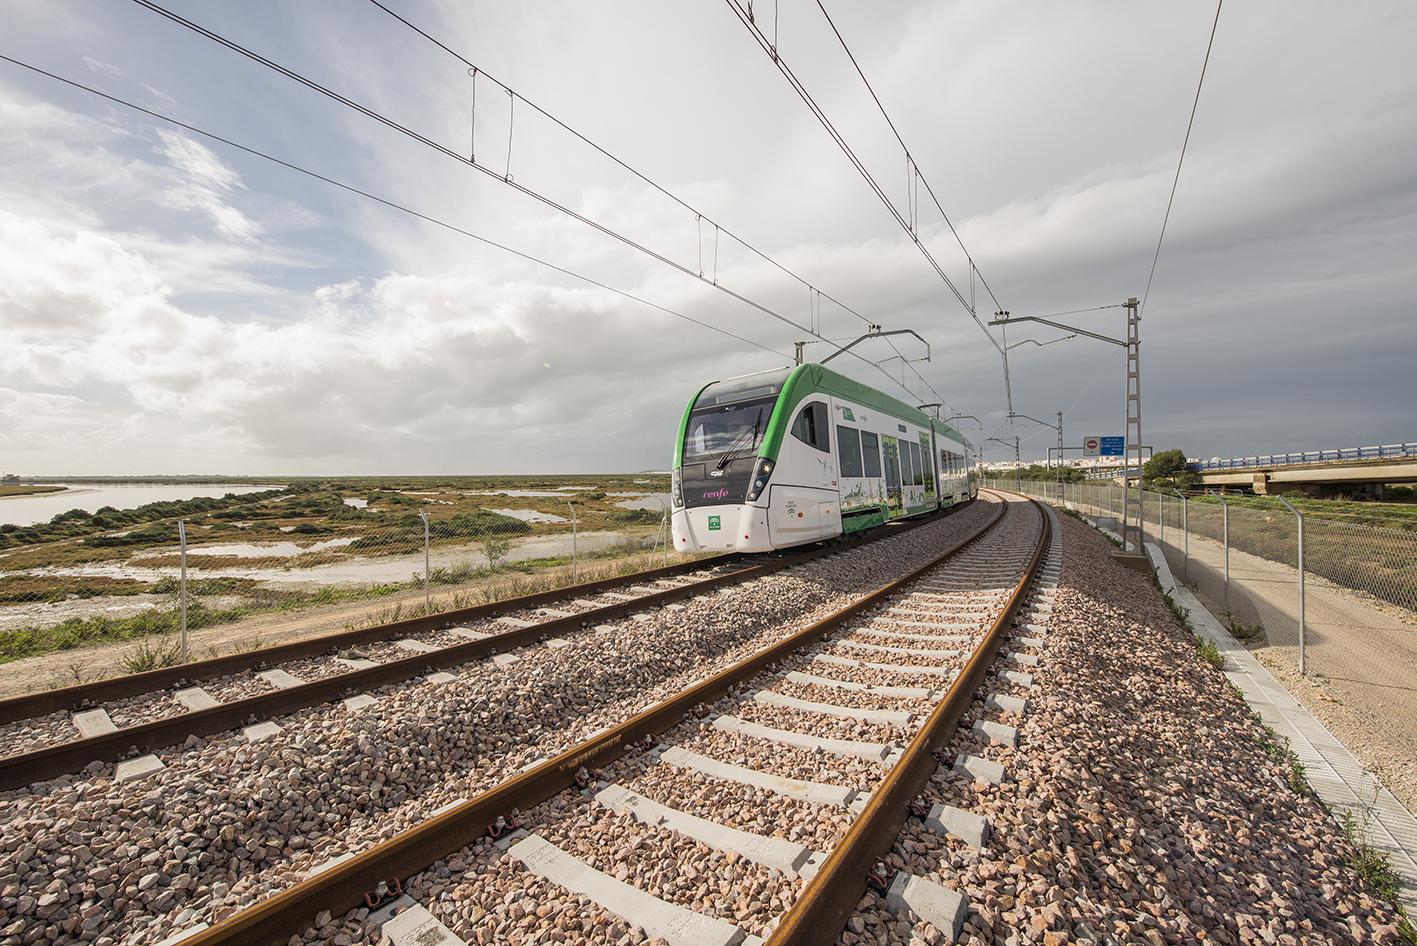 Endesa suministrar� la energ�a el�ctrica para las pruebas de trenes en la Bah�a.